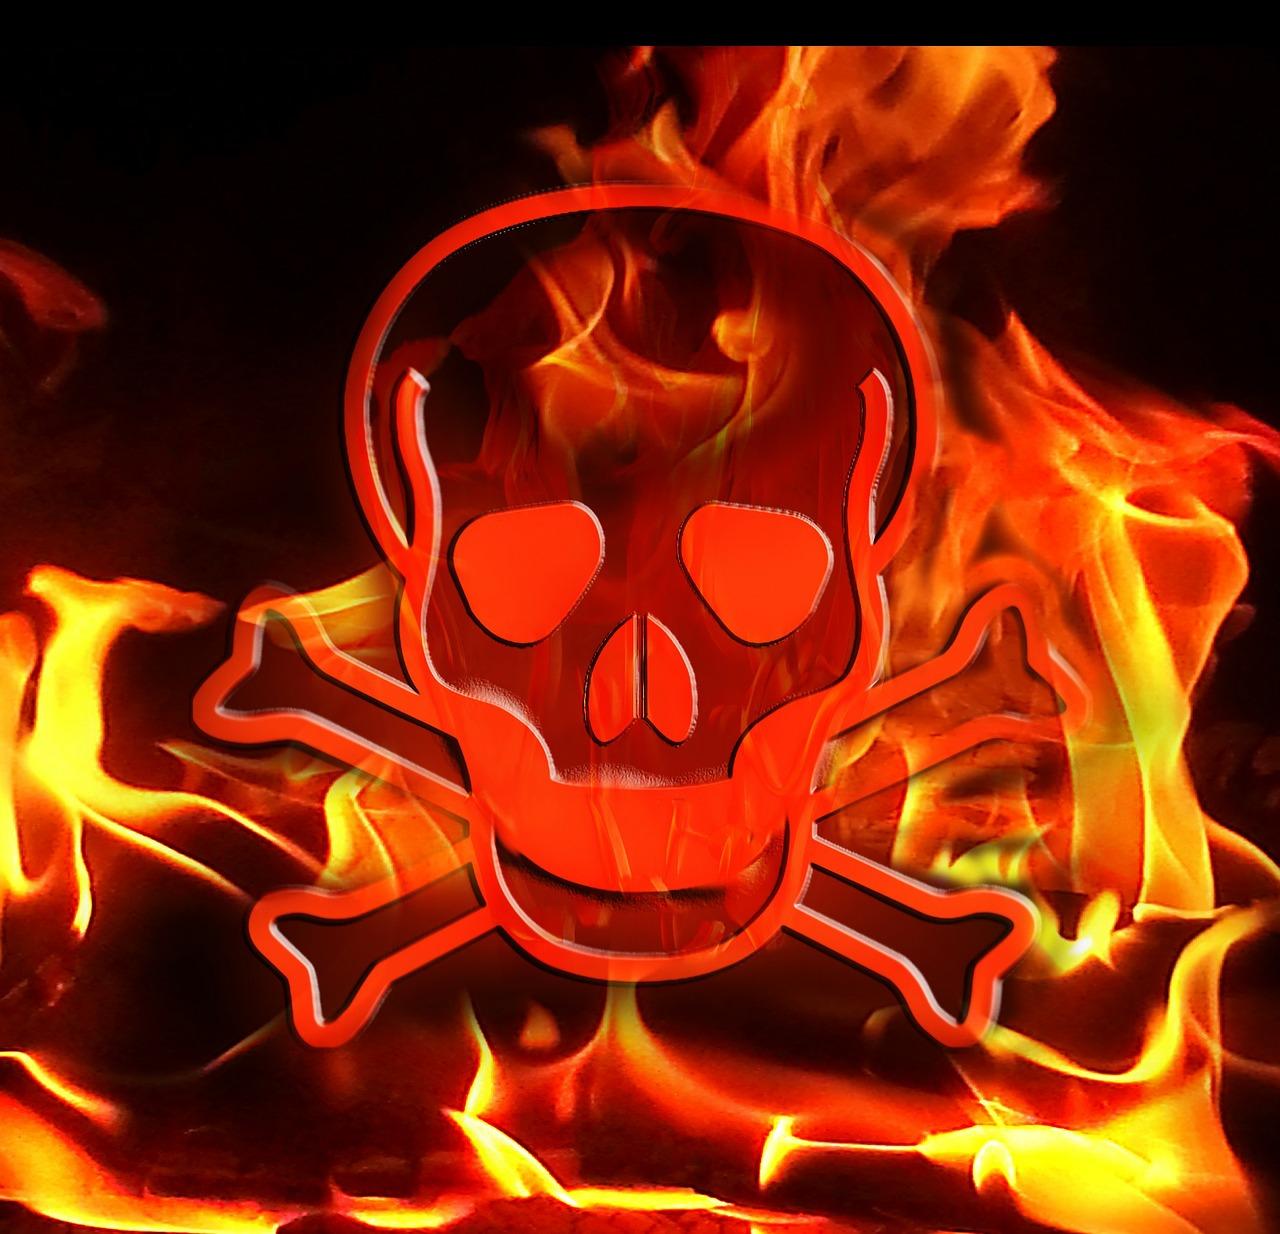 это картинки черепов в огне с костями хорошо